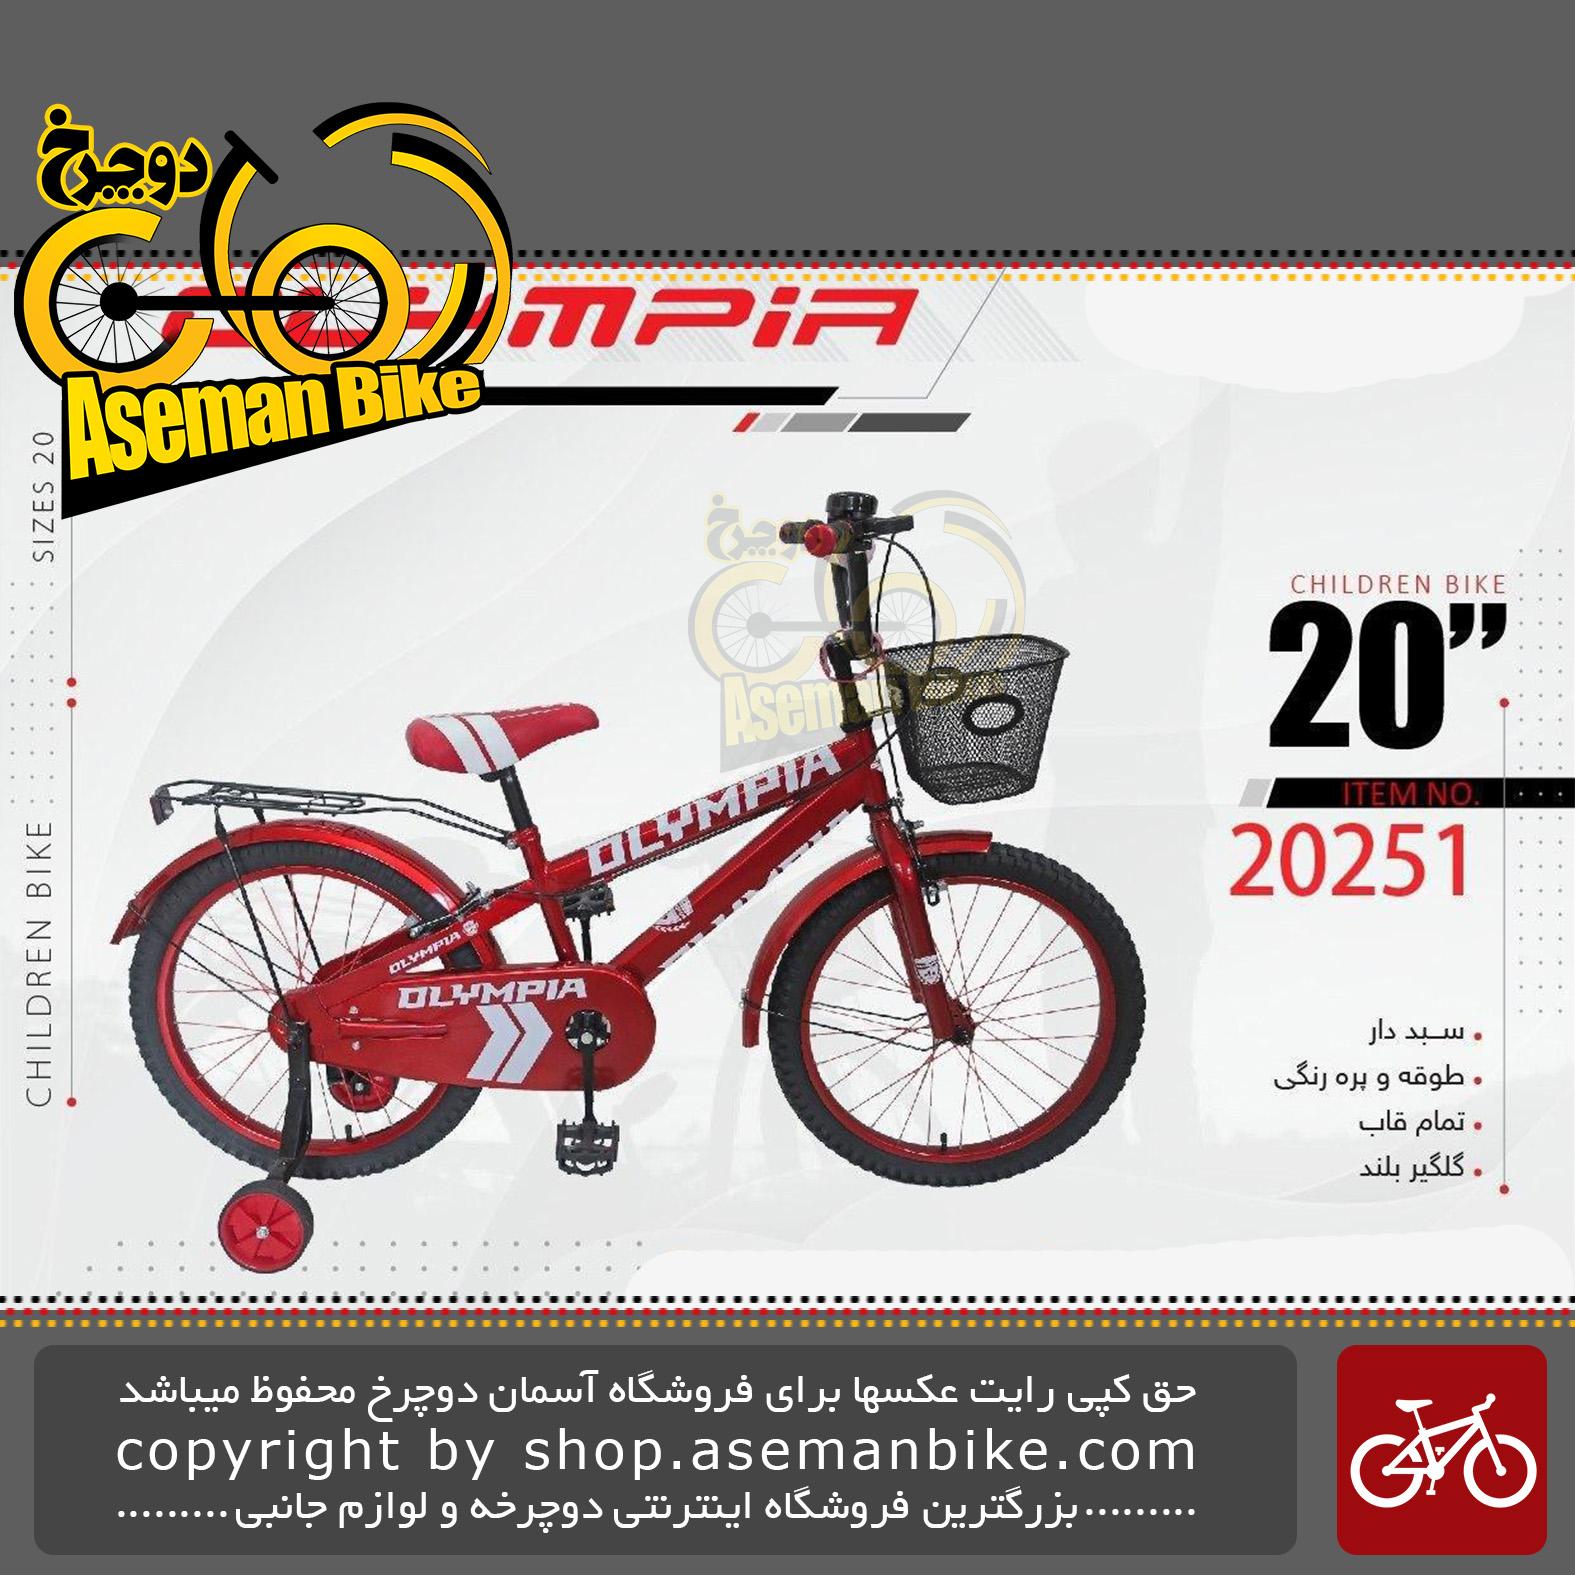 دوچرخه بچگانه المپیا سایز ۲۰ پشتی دار صندوق دار سبد دار مدل 20251 OLYMPIA Bicycle Children Bike Size 20 Model 20251